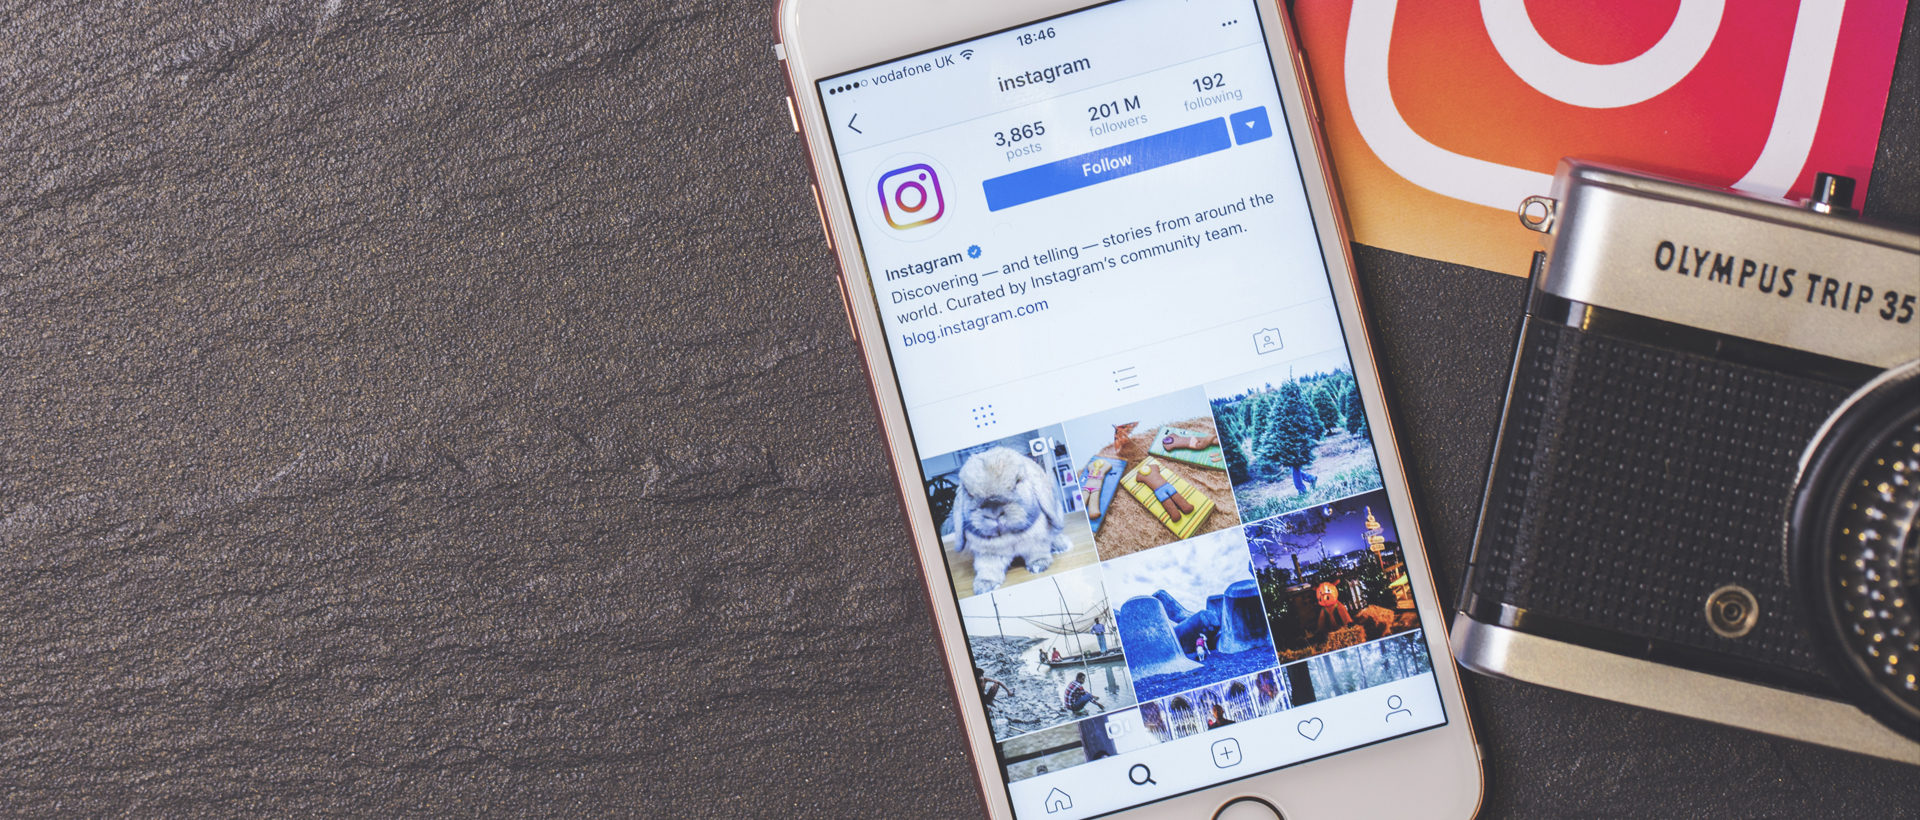 recomendaciones para Instagram